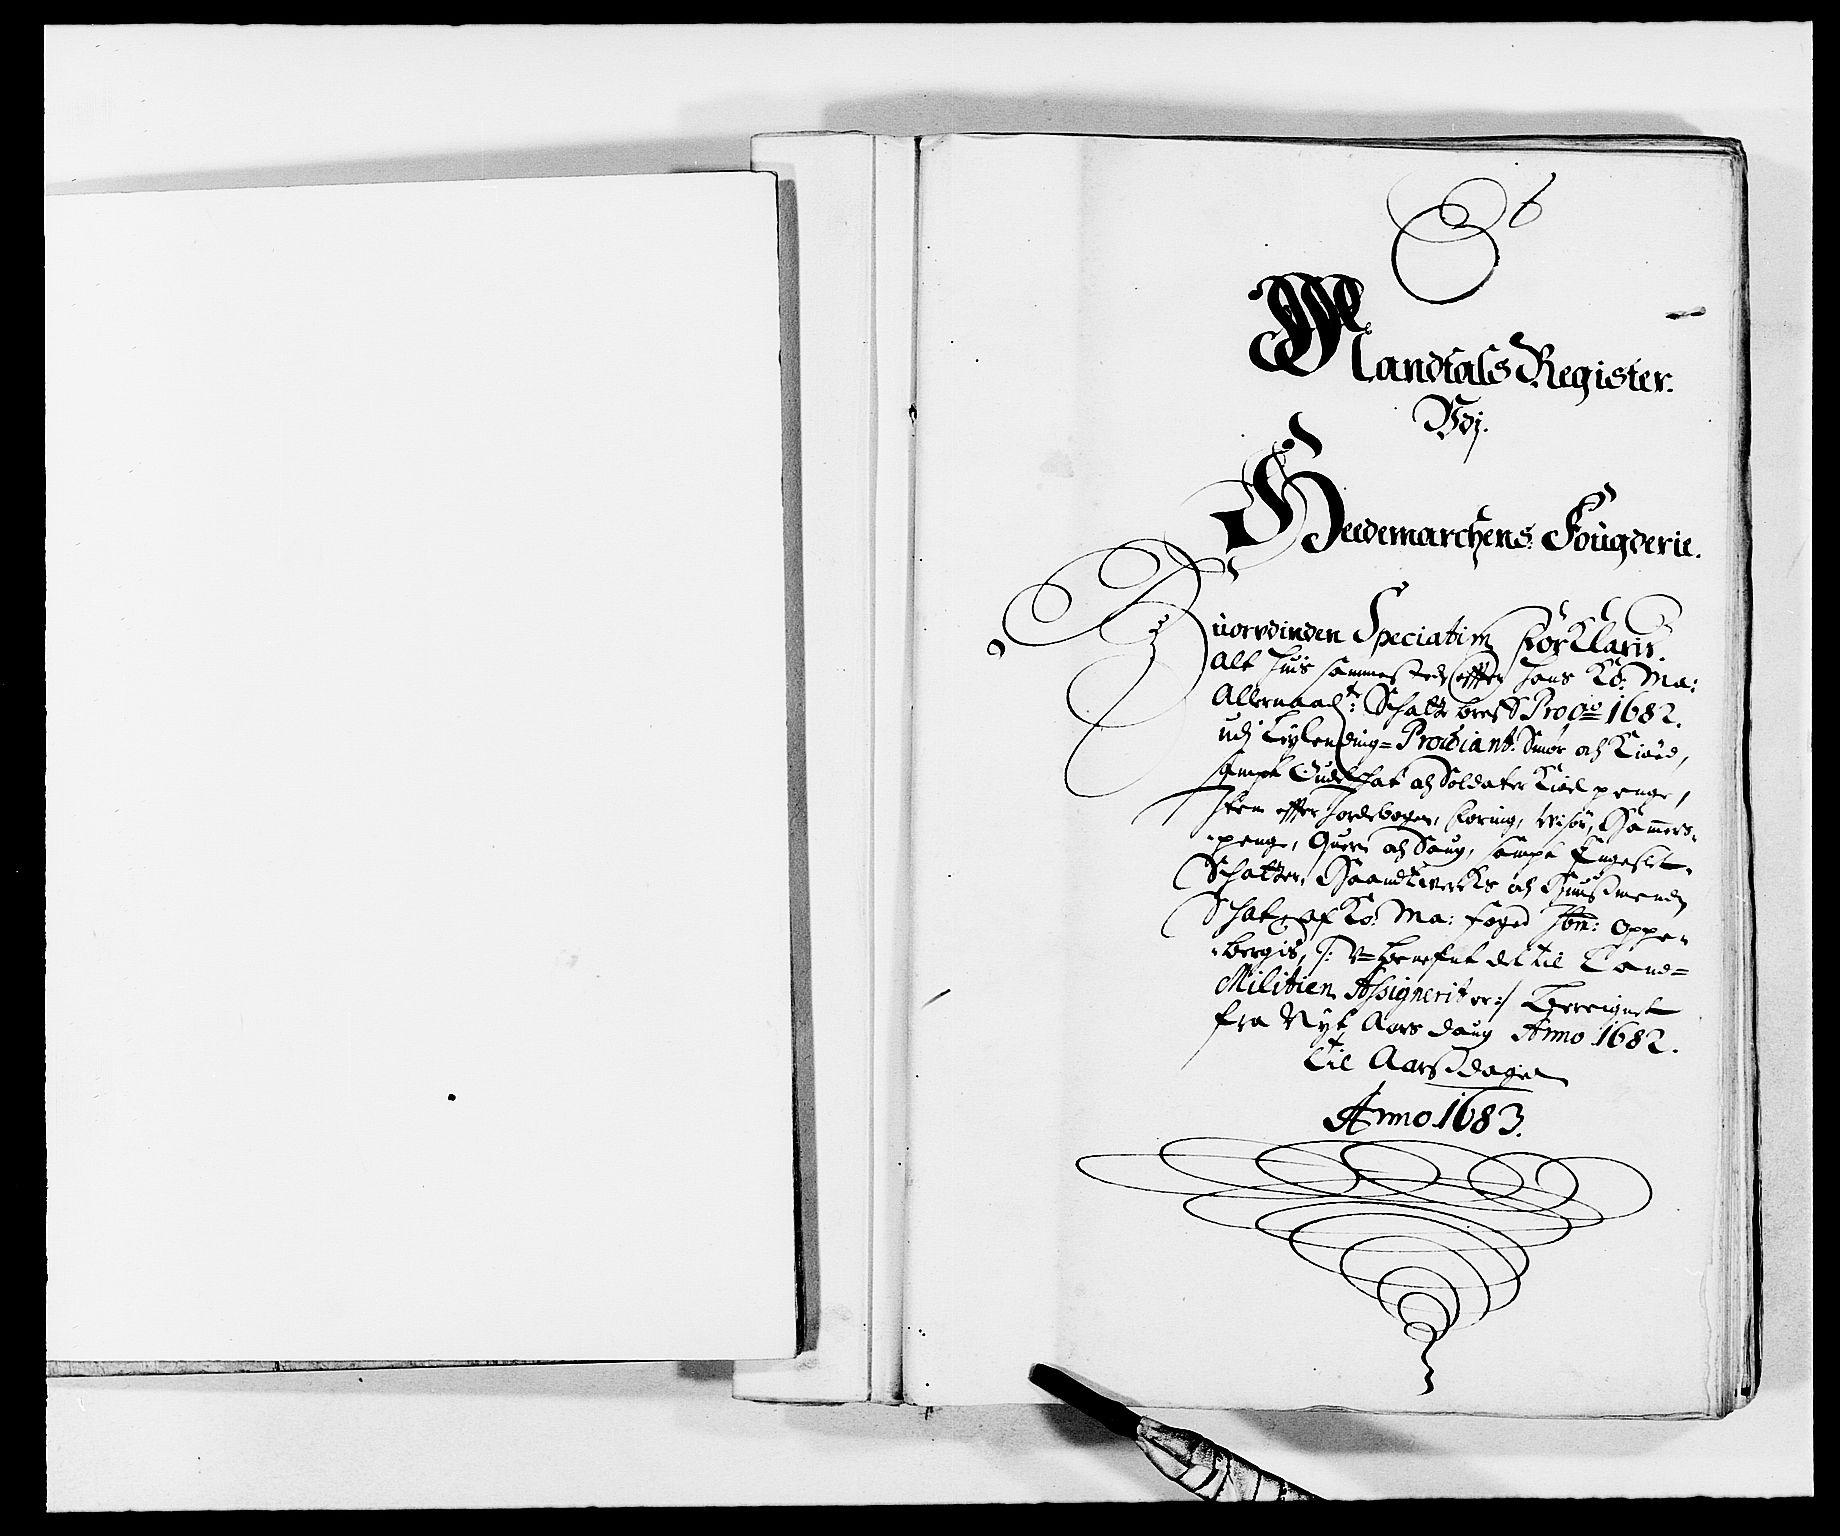 RA, Rentekammeret inntil 1814, Reviderte regnskaper, Fogderegnskap, R16/L1023: Fogderegnskap Hedmark, 1682, s. 1